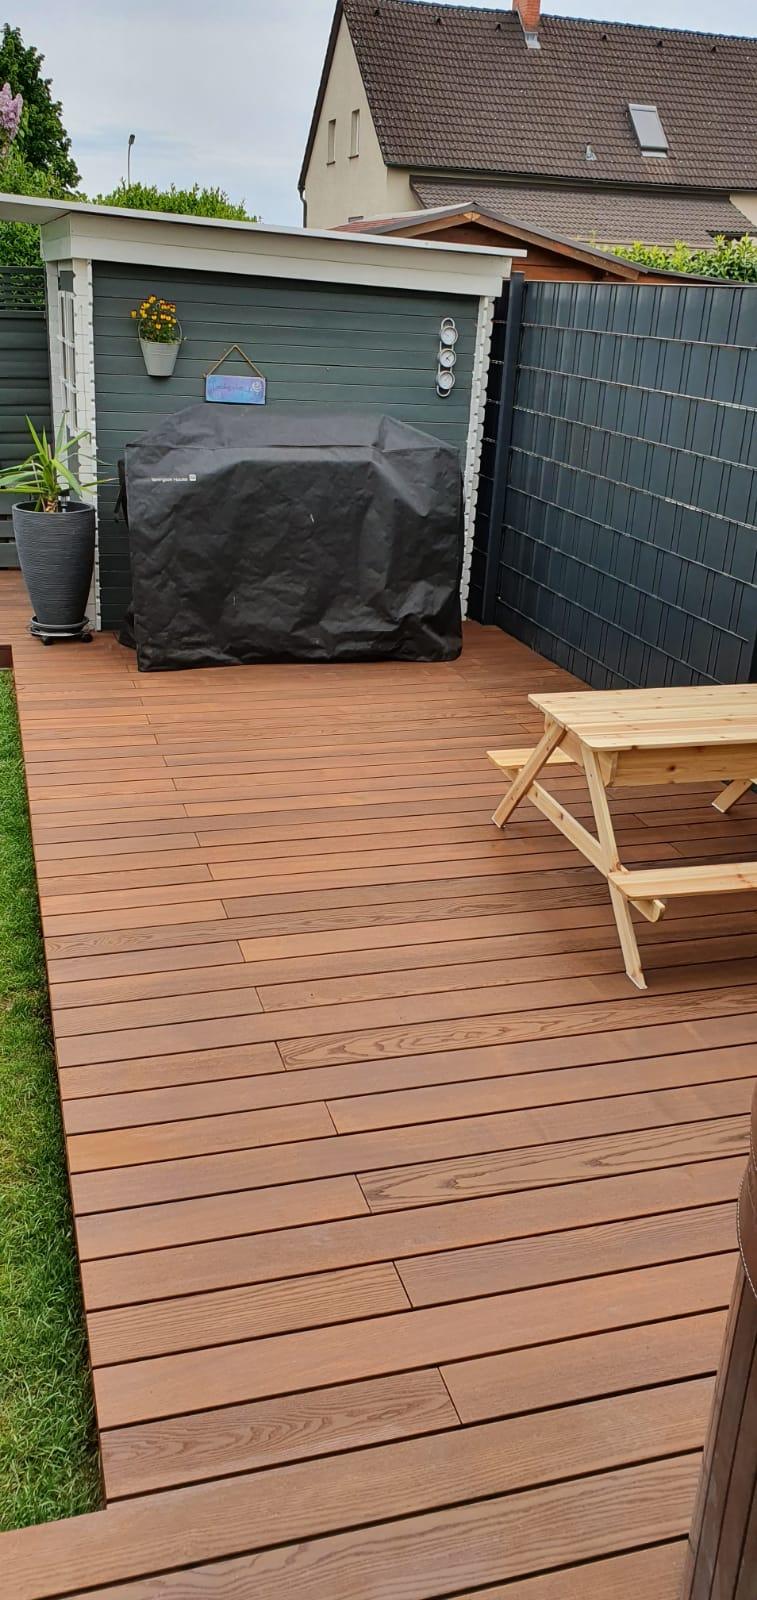 Terrasse mit Thermo-Esche Dielen gebürstet